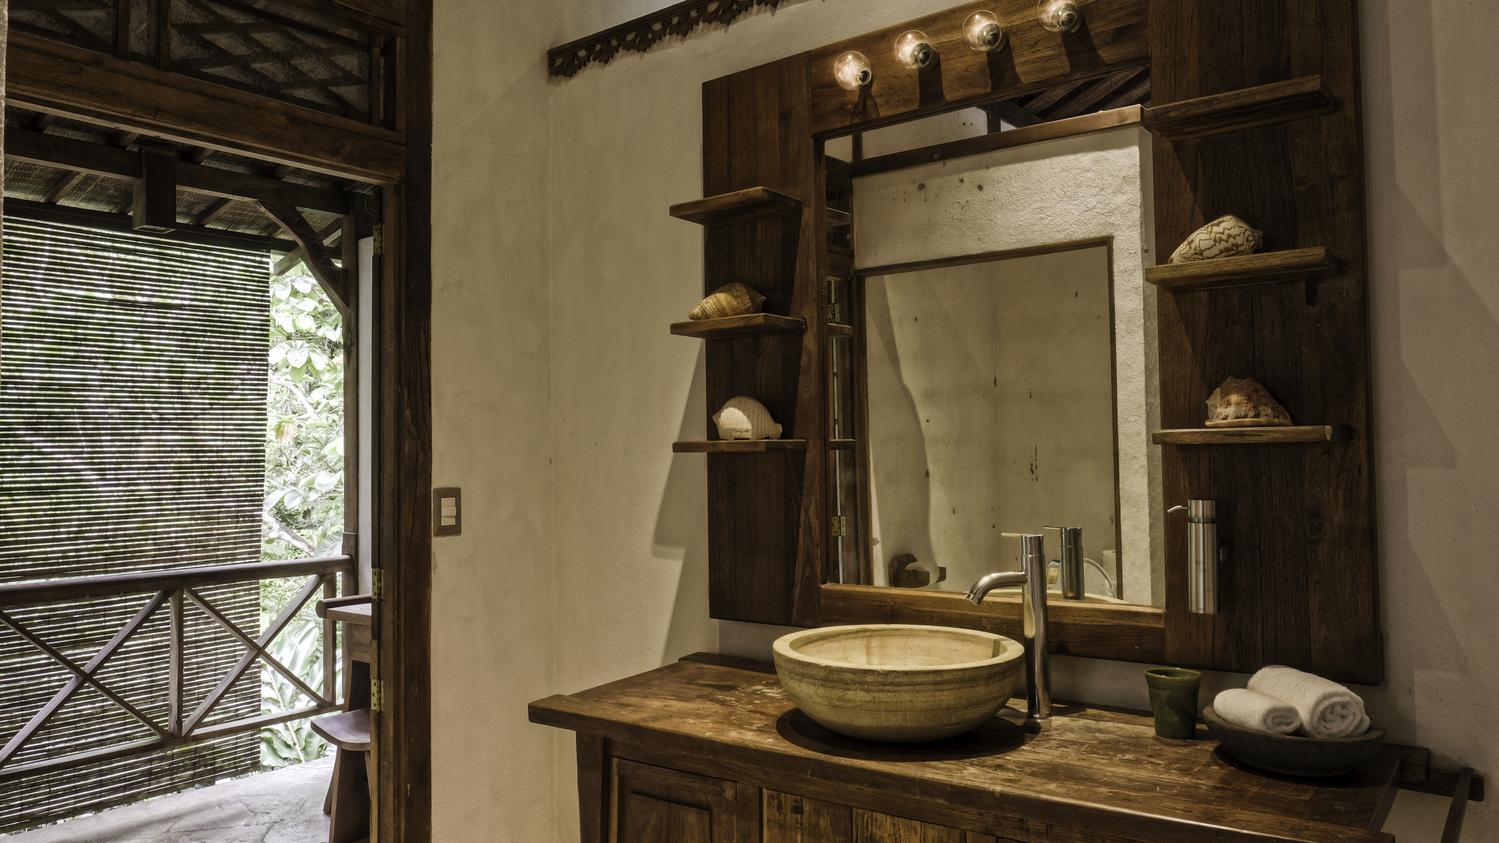 costa-rica-yoga-retreat-venue-experience-retreats-bathroom.jpg